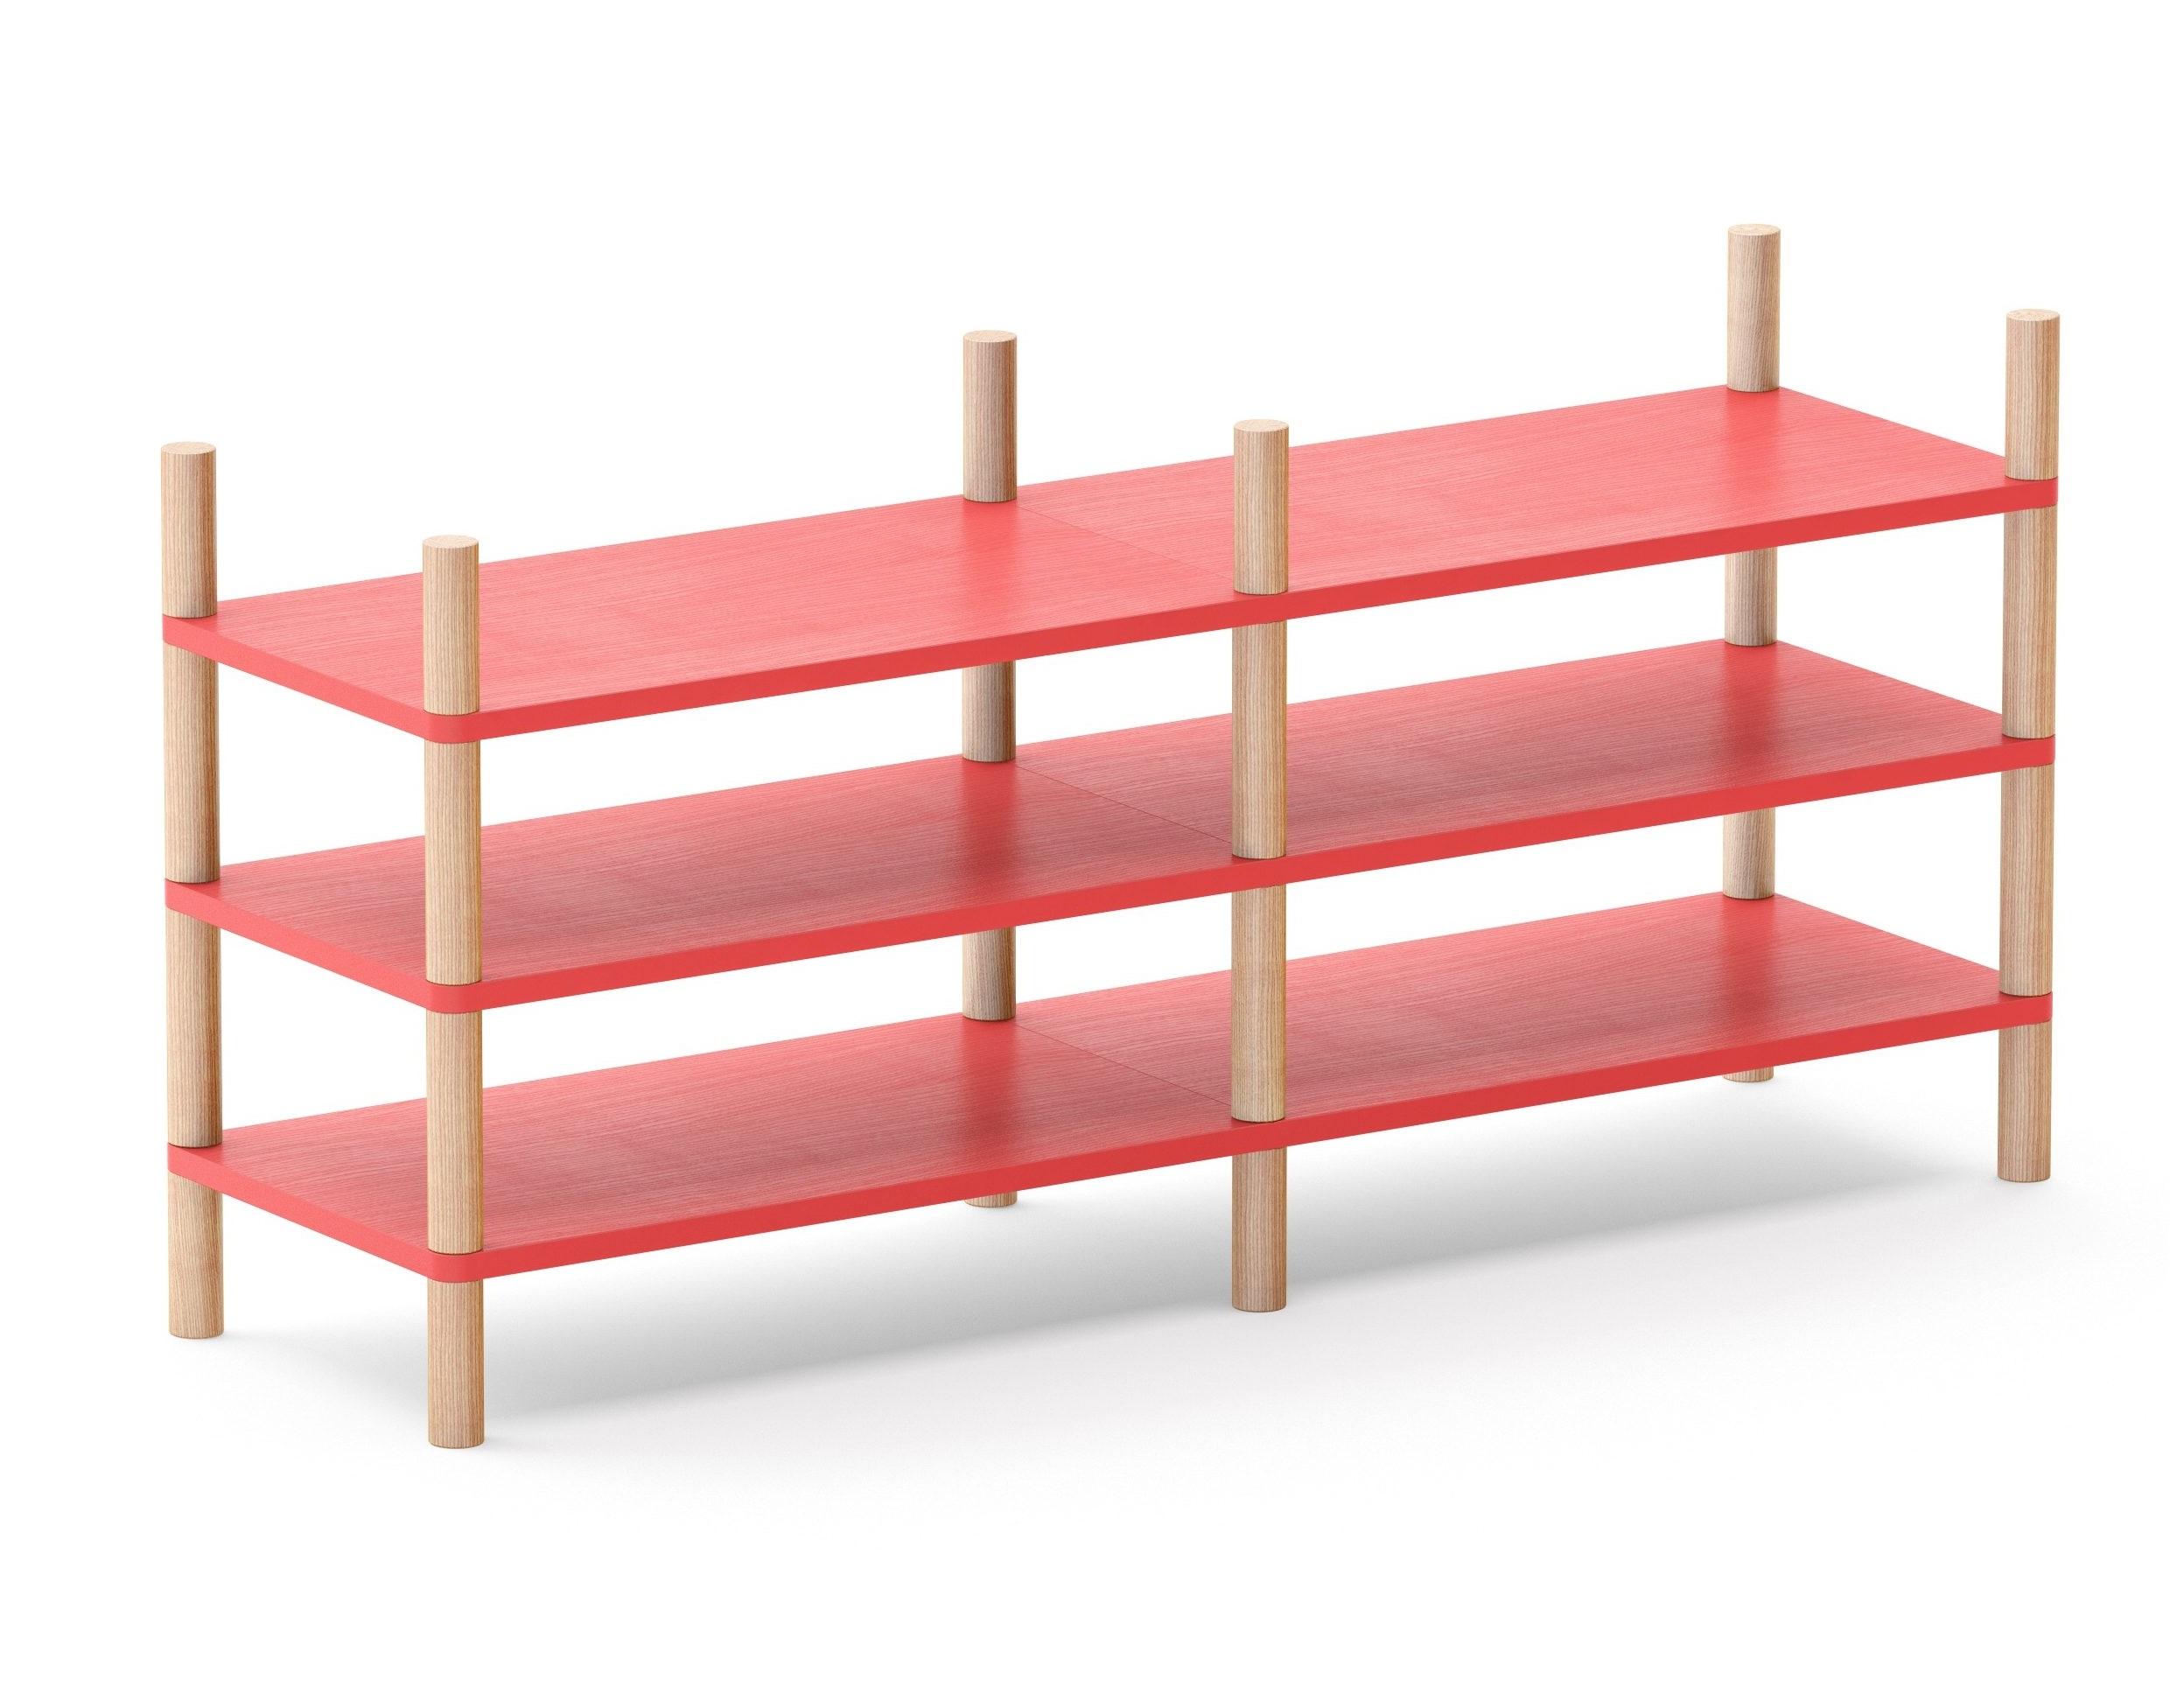 Тумба под ТВ ARNOТумбы под TV<br>&amp;lt;div&amp;gt;Тумба под ТВ, доступная во множестве цветовых вариантов, а также с темными или светлыми ножками.&amp;lt;/div&amp;gt;&amp;lt;div&amp;gt;&amp;lt;br&amp;gt;&amp;lt;/div&amp;gt;&amp;lt;div&amp;gt;Материал: корпус: шпонированный МДФ, ножки: массив ясеня.&amp;amp;nbsp;&amp;lt;/div&amp;gt;&amp;lt;div&amp;gt;Требуется монтаж (все крепежные элементы и схема монтажа предоставляются в комплекте).&amp;lt;/div&amp;gt;<br><br>Material: МДФ<br>Width см: 160<br>Depth см: 45<br>Height см: 73.4